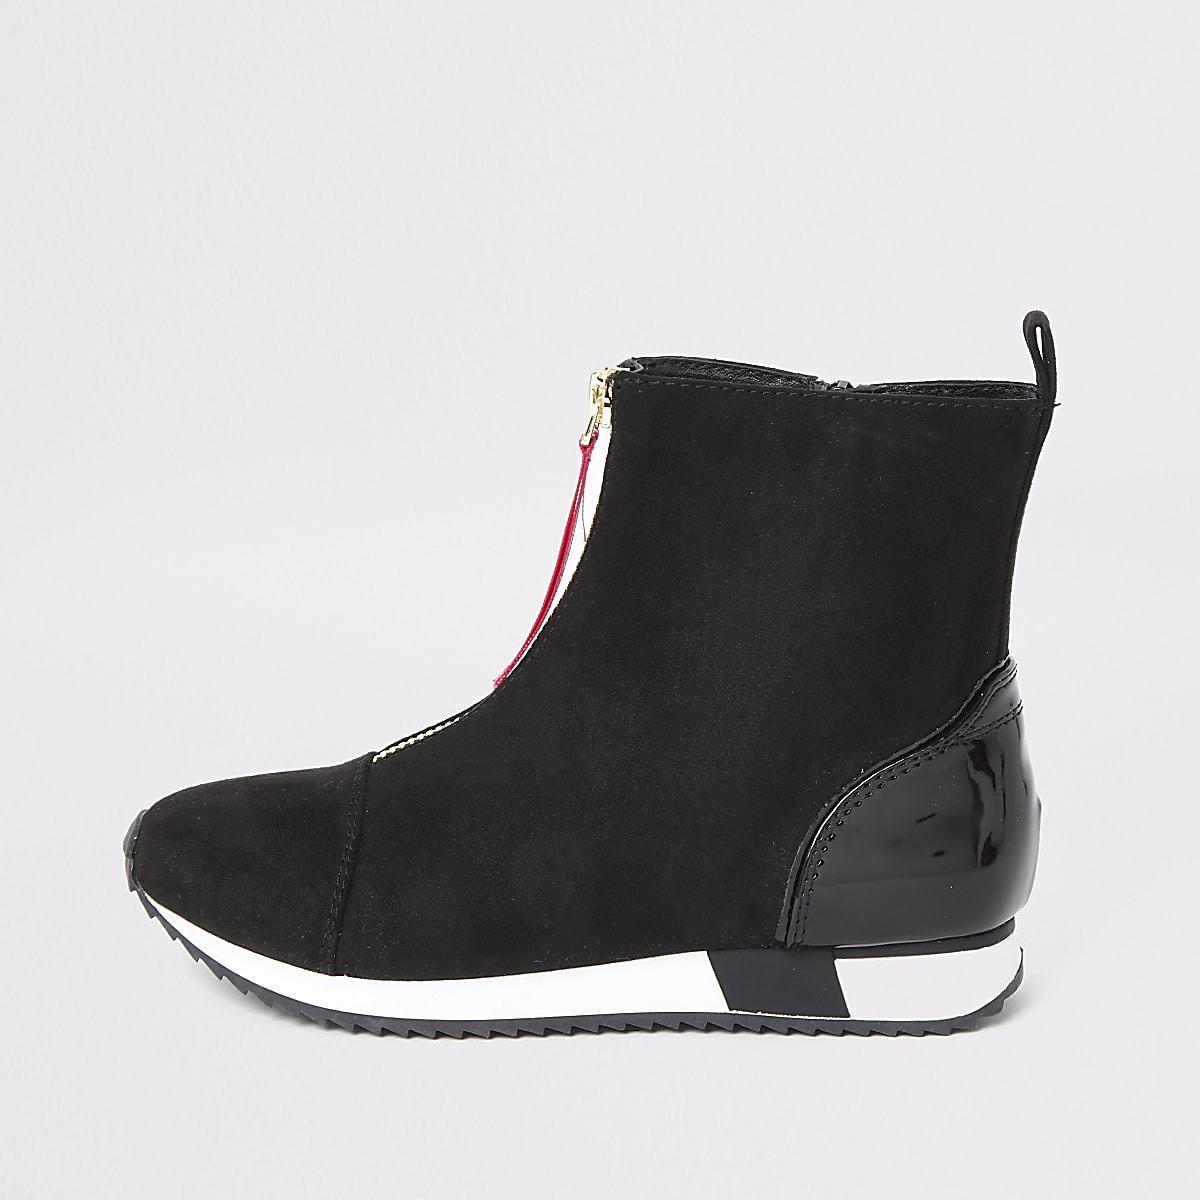 Zwarte hoge sneaker met rits voor en 'RVR'-print voor meisjes